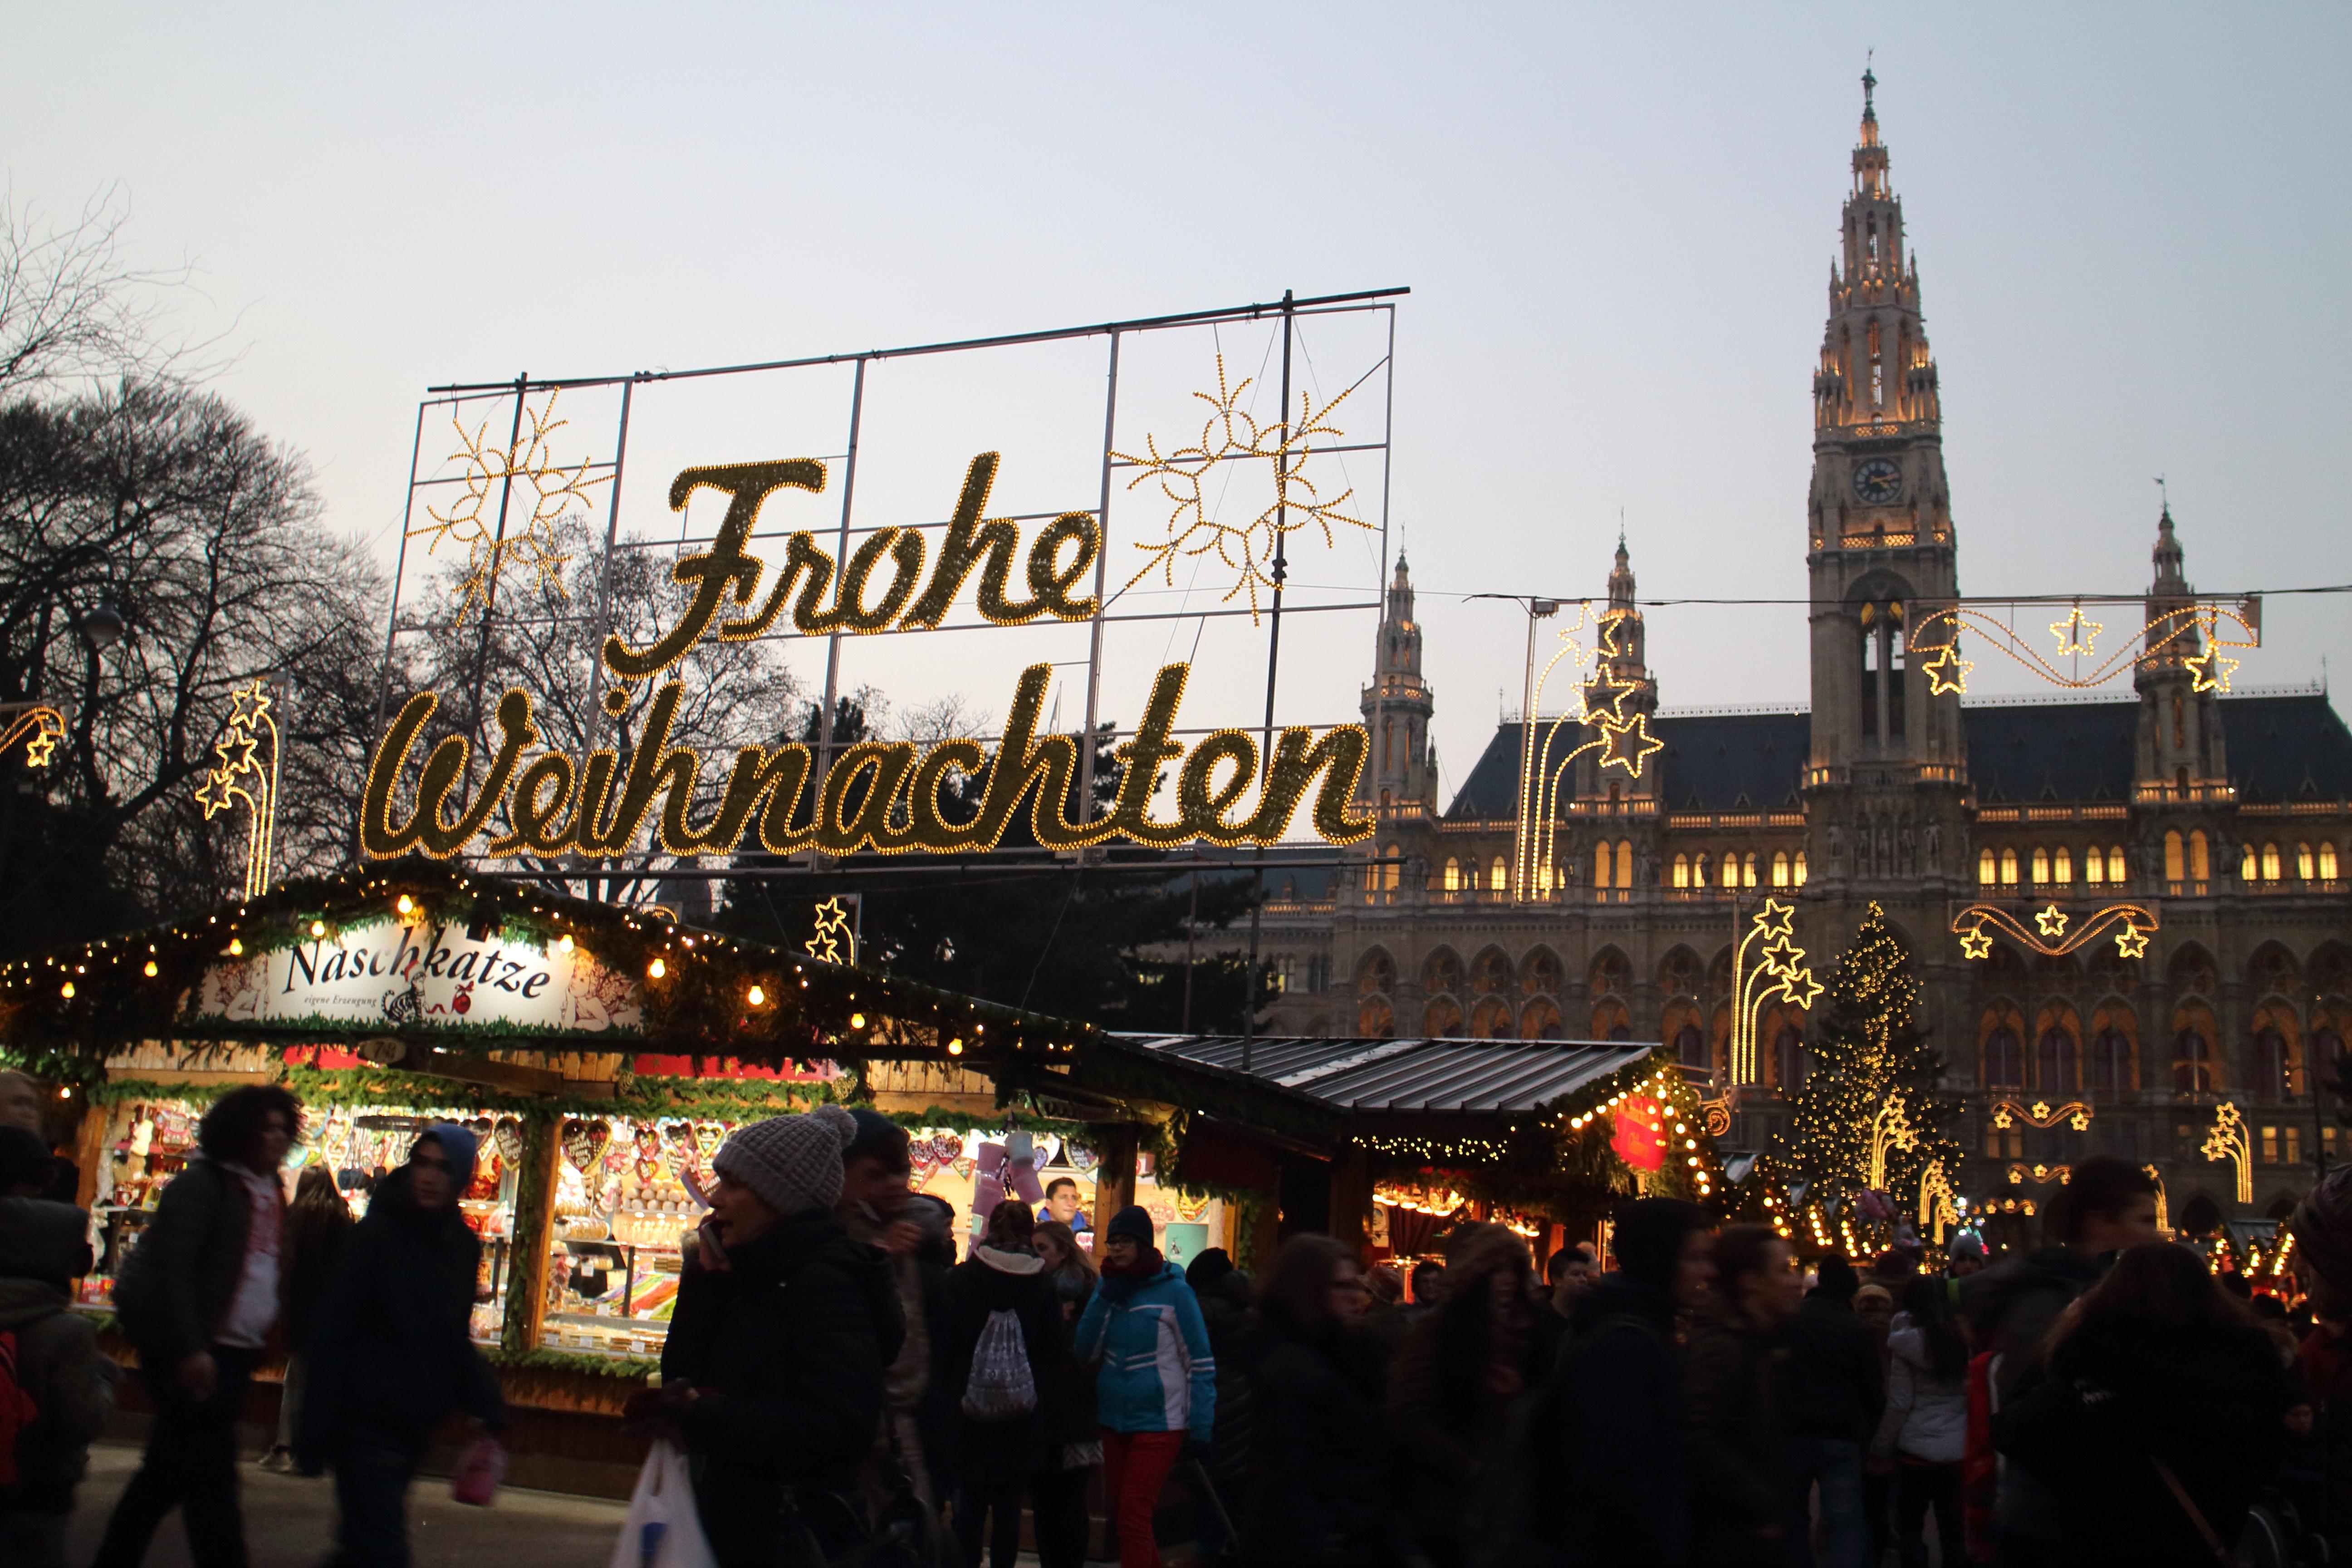 ウィーンのクリスマスマーケットとイルミネーション!